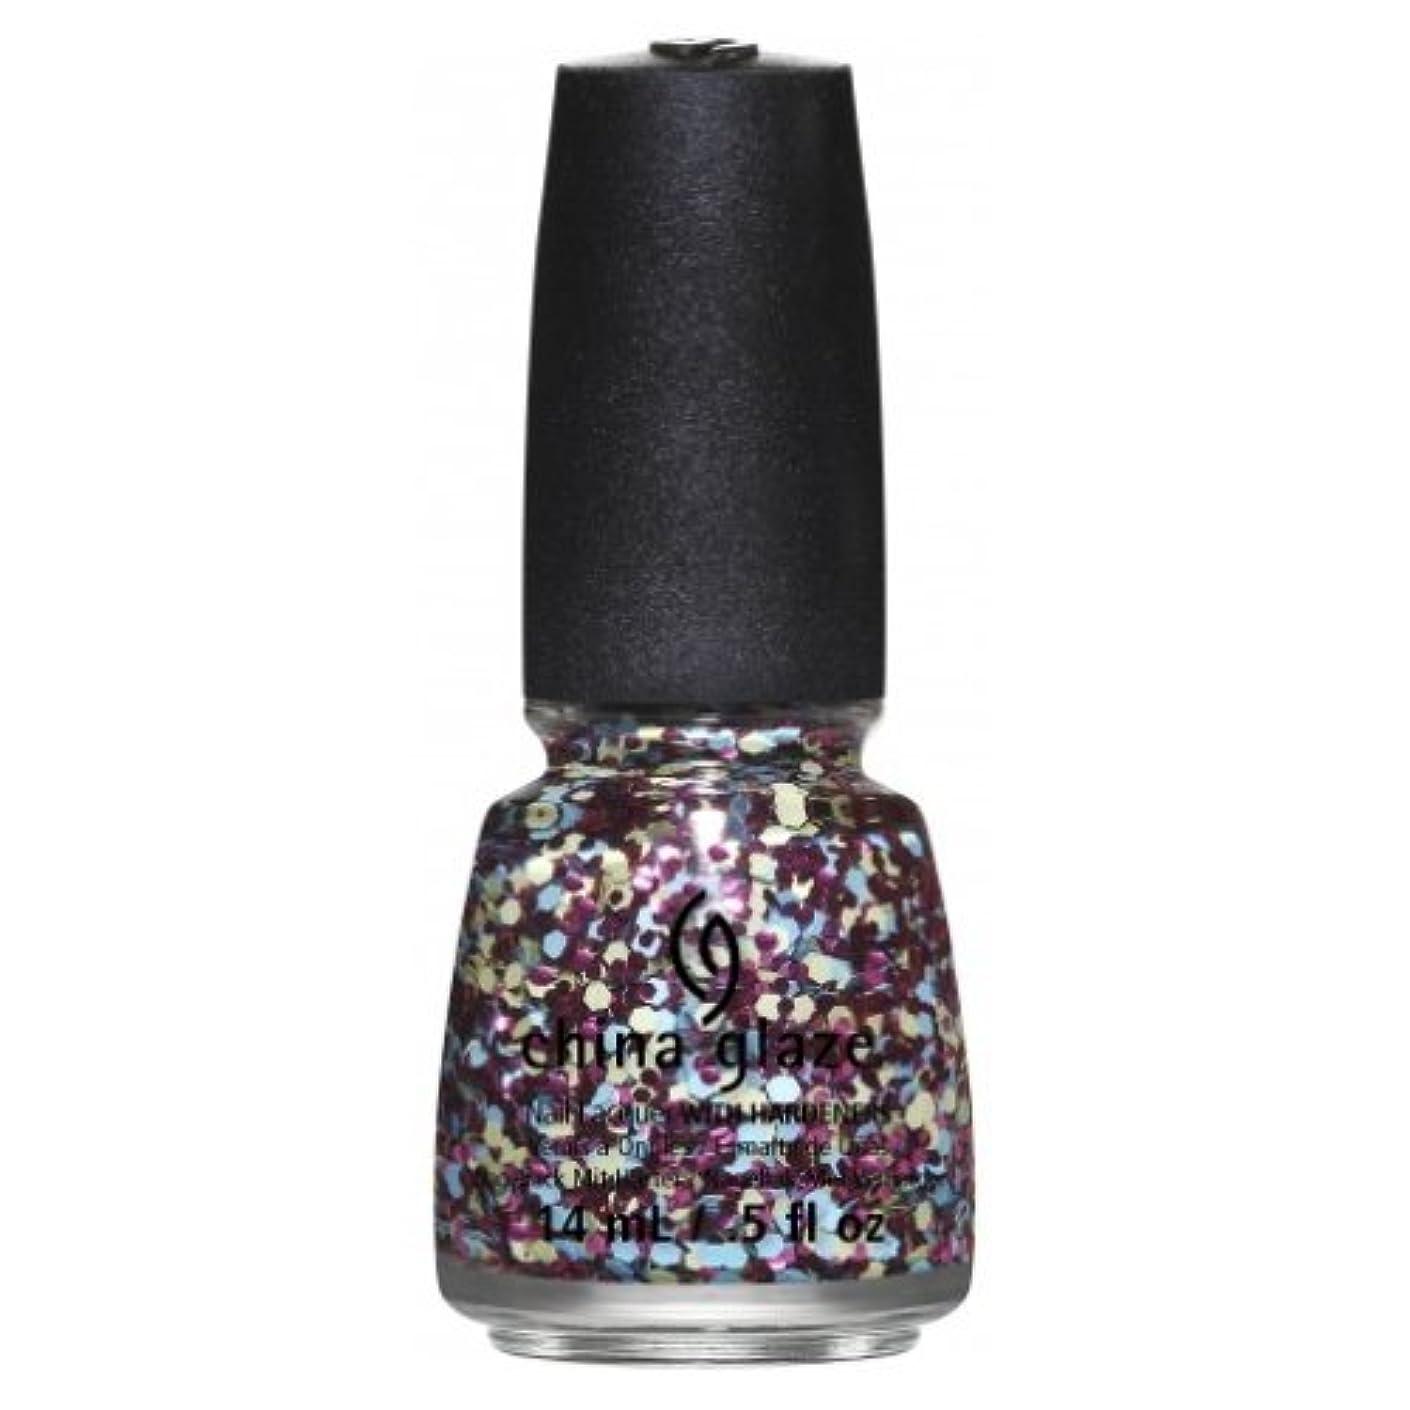 観察する症状着陸(6 Pack) CHINA GLAZE Nail Lacquer - Suprise Collection - I'm A Go Glitter (並行輸入品)